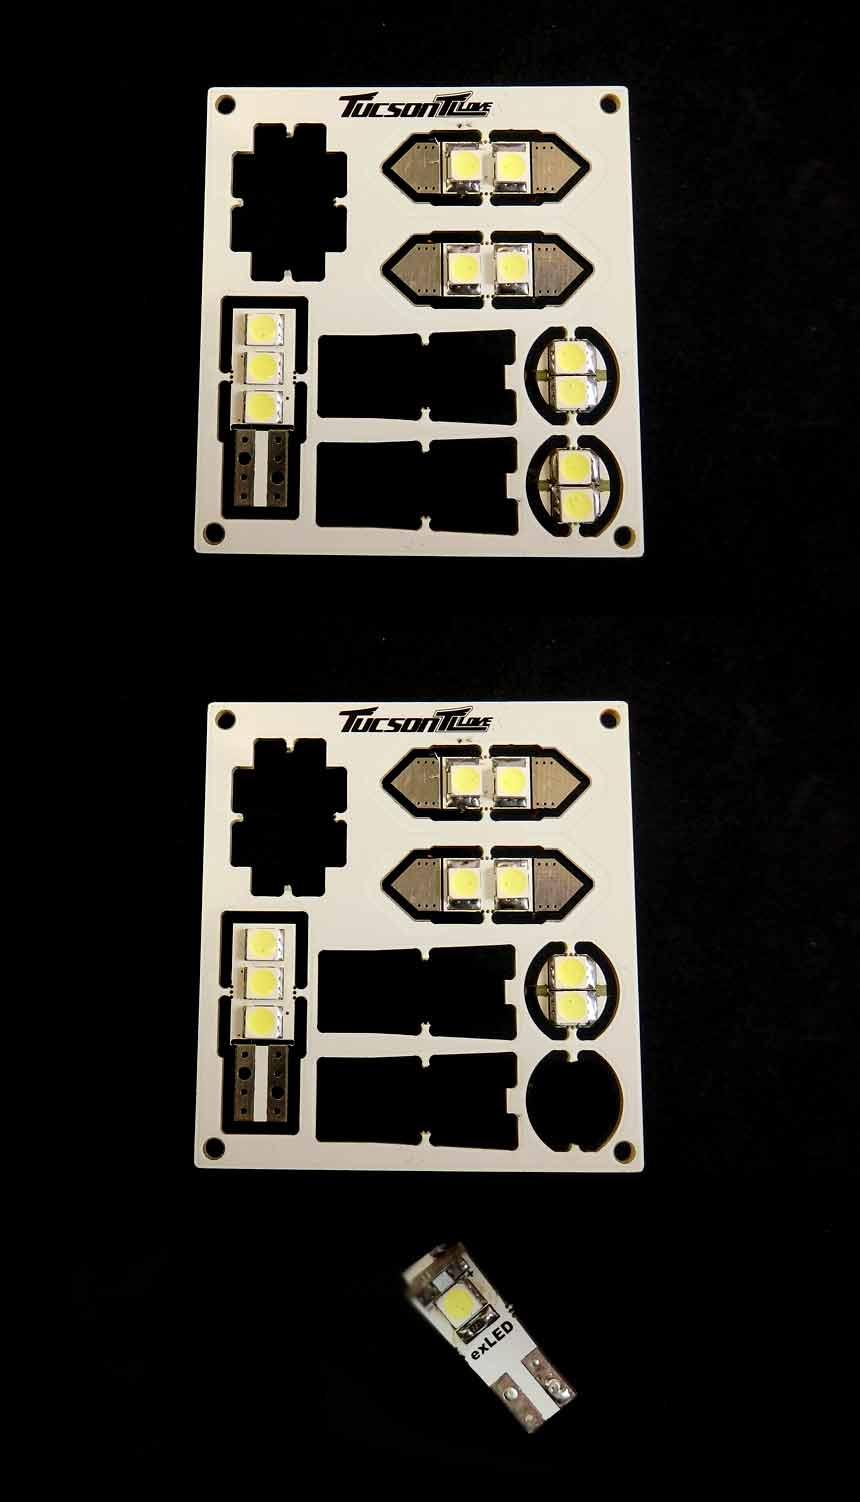 exLED 투싼 TL용 실내등(옵션등 셋트/공동구매형)